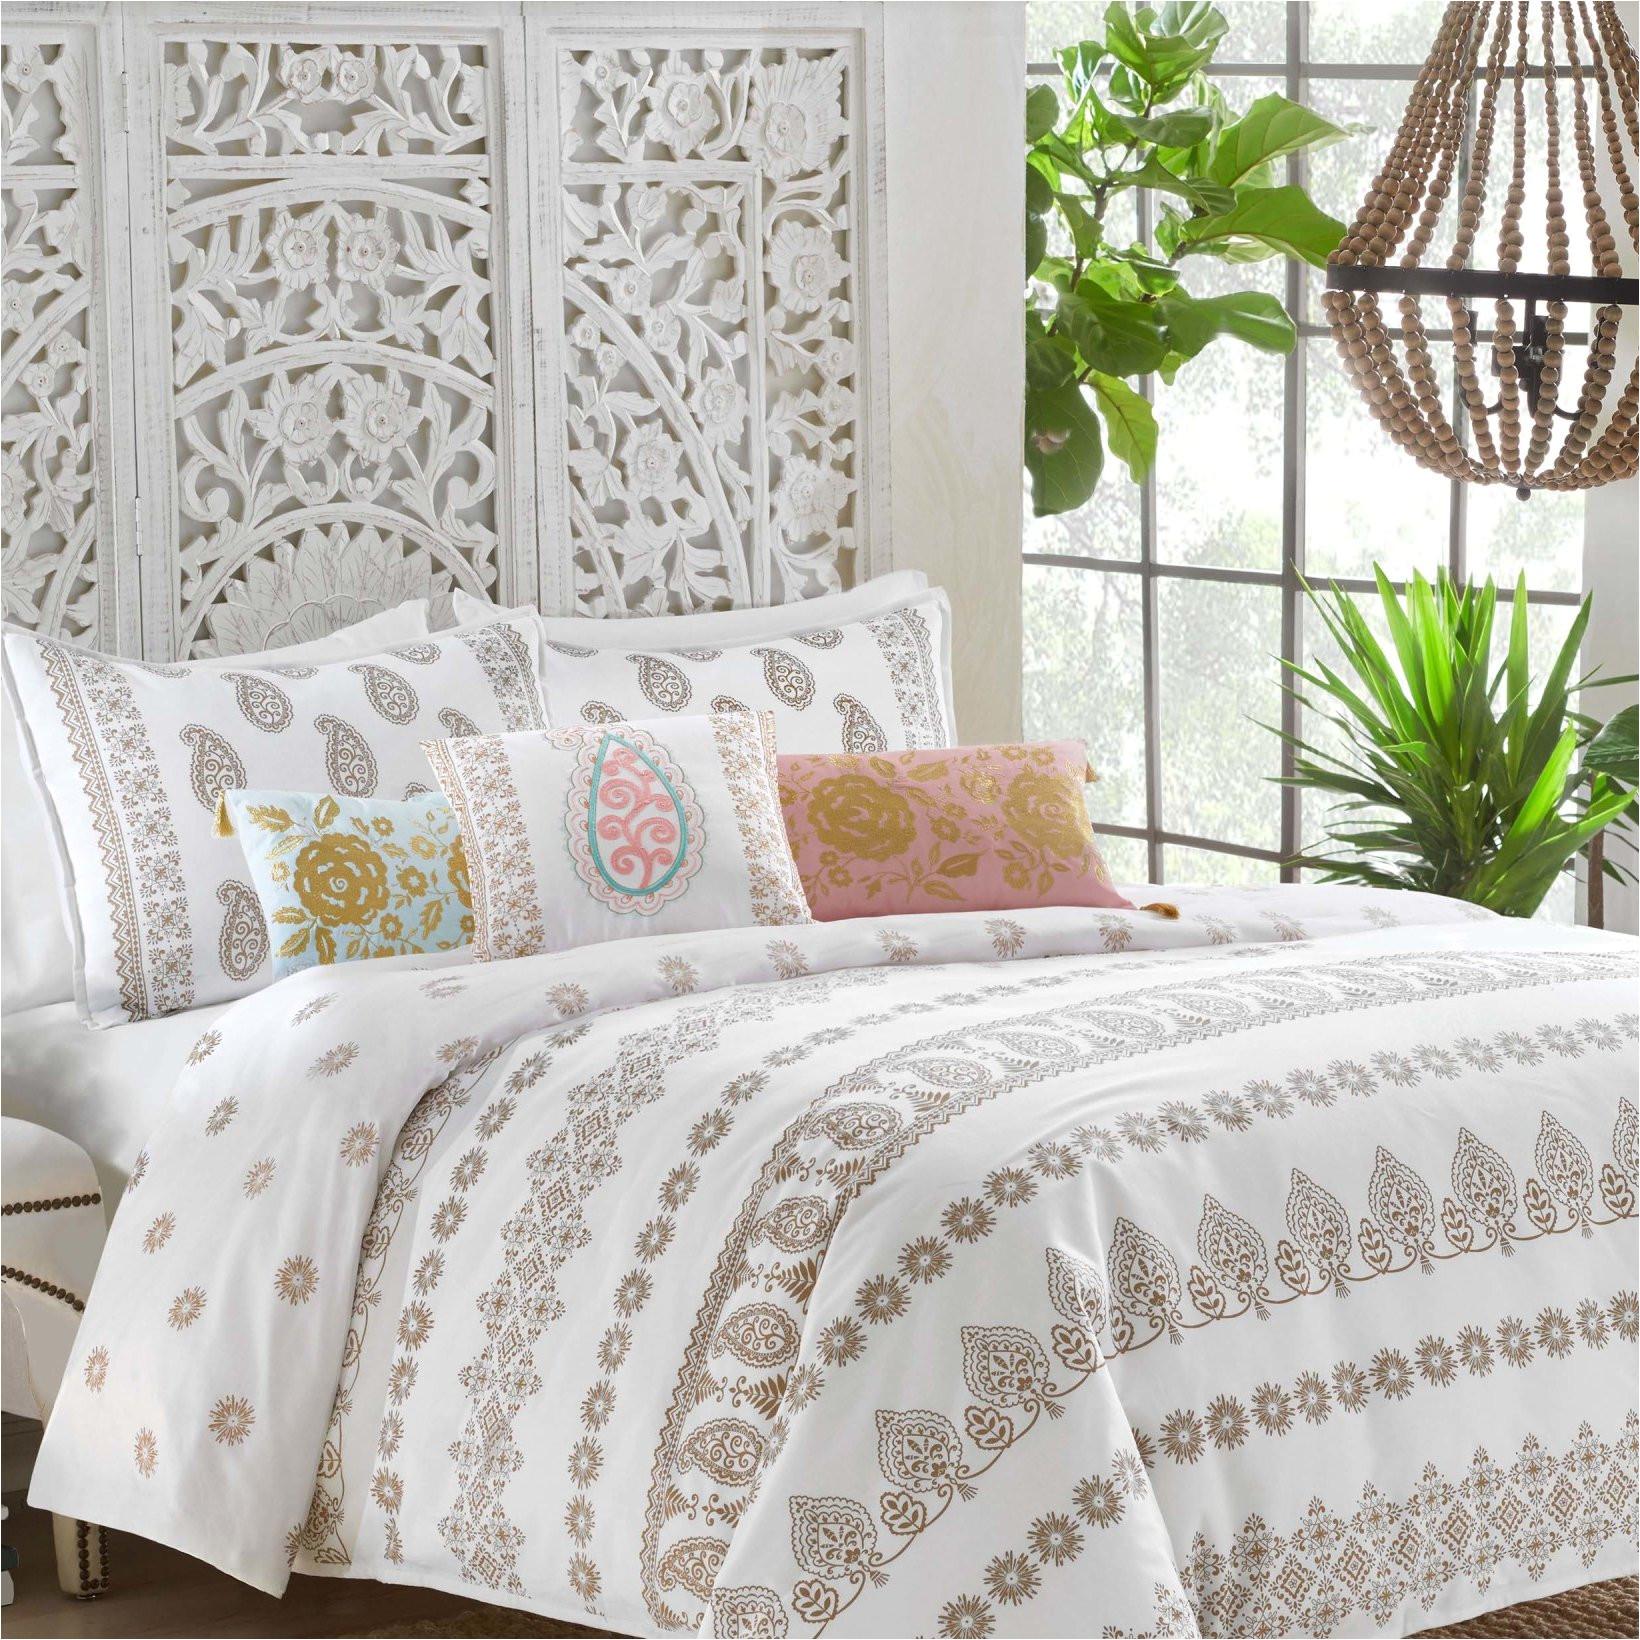 dena designs marielle 100 cotton reversible comforter set reviews wayfair